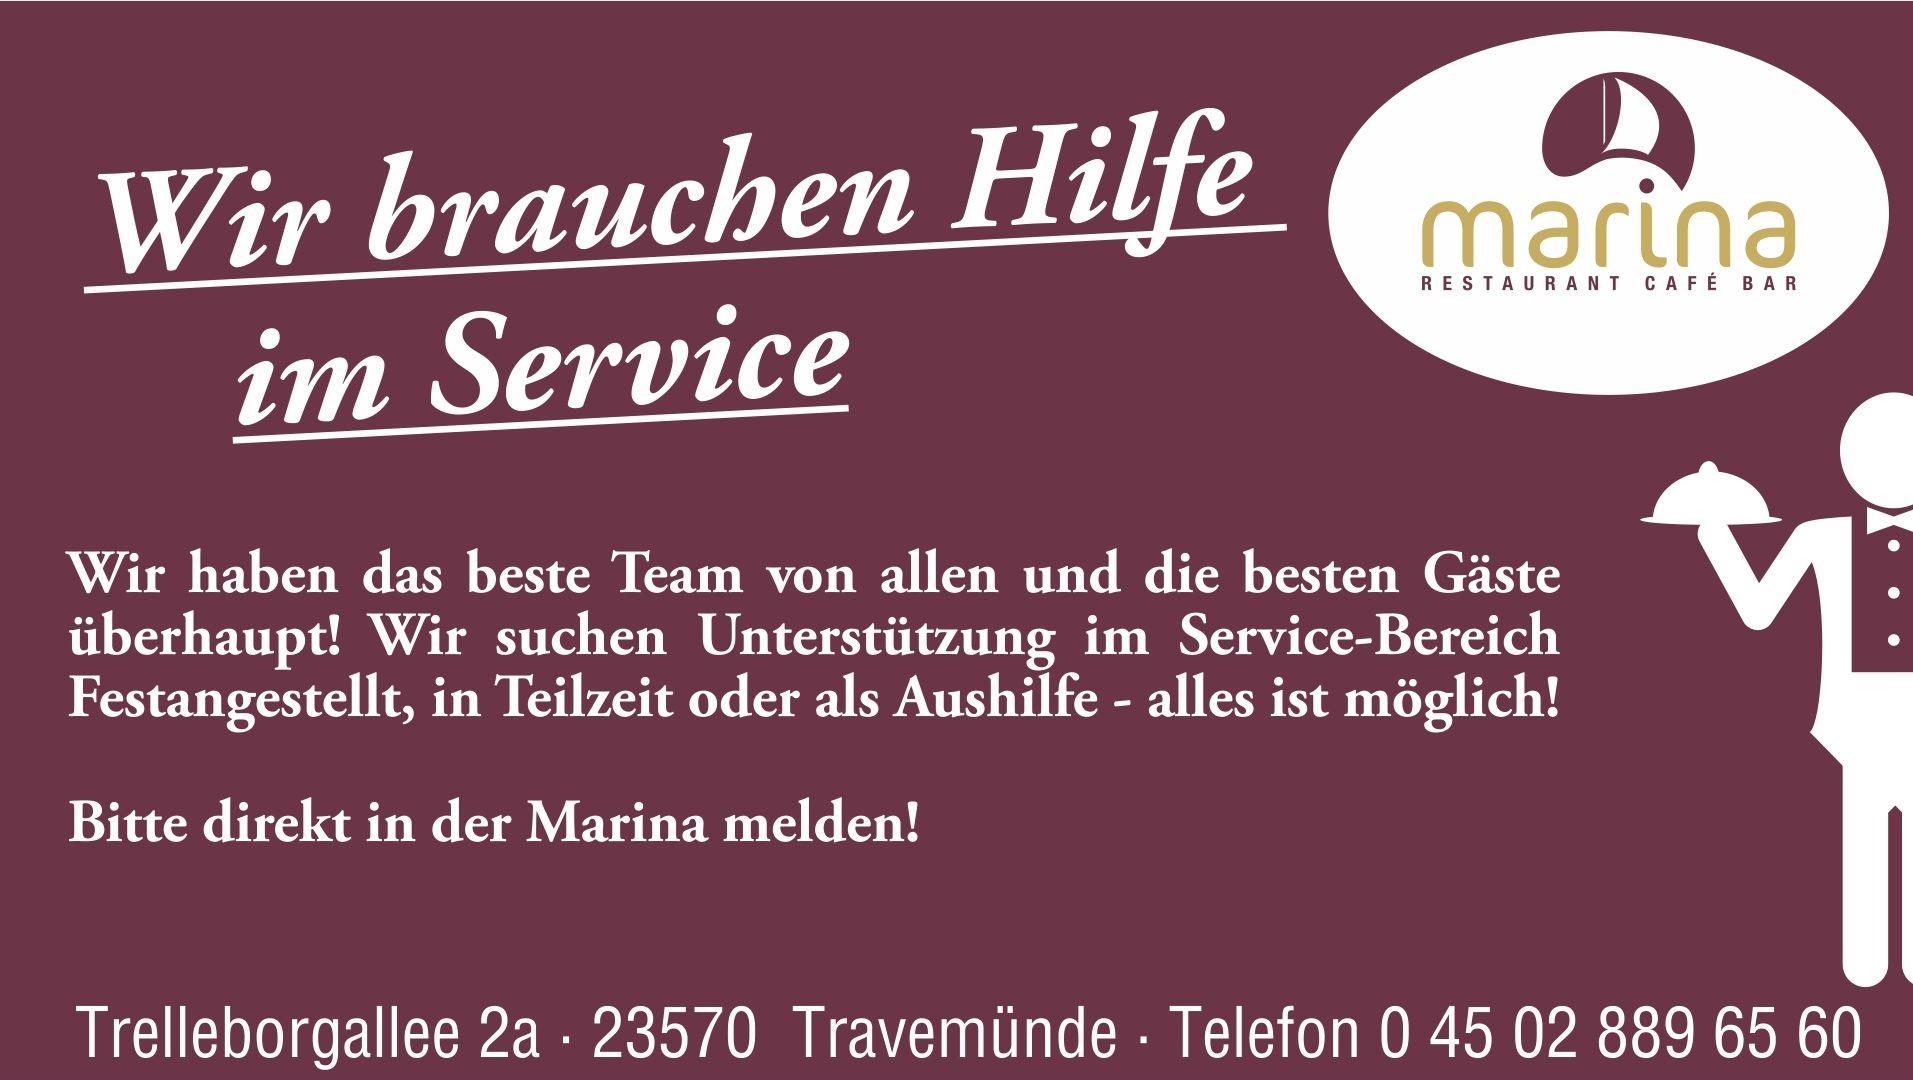 Wir brauchen Unterstützung im Service!